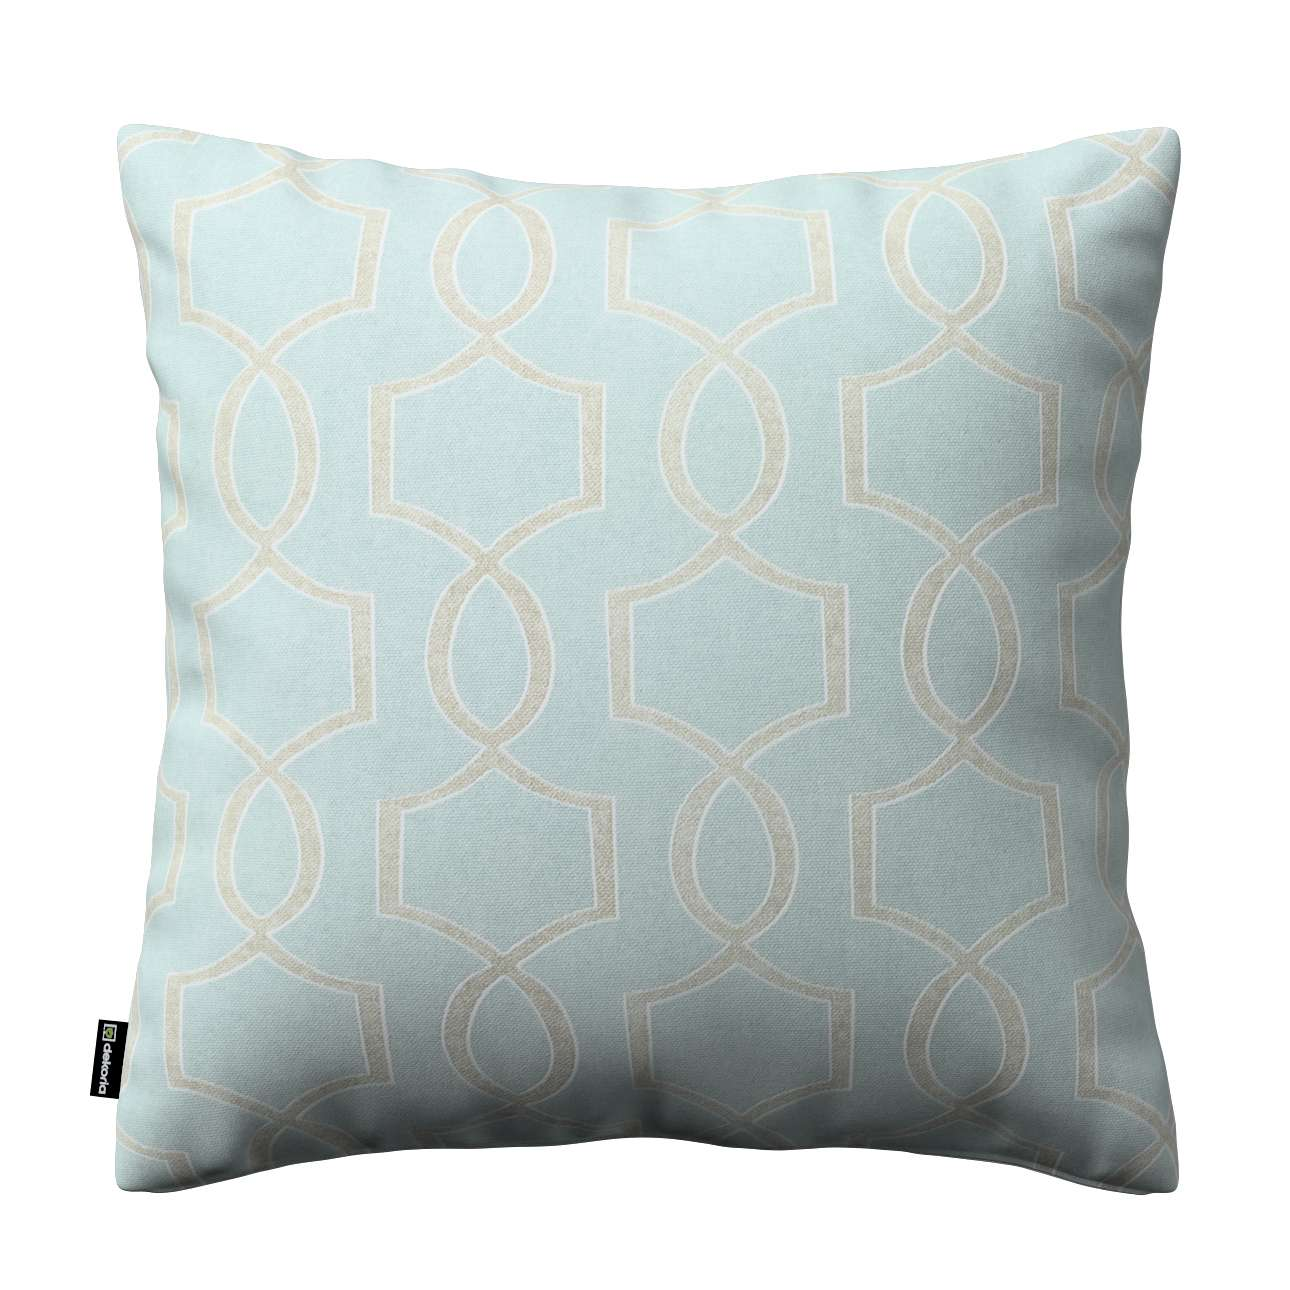 Kinga dekoratyvinės pagalvėlės užvalkalas 43 × 43 cm kolekcijoje Comics Prints, audinys: 141-24